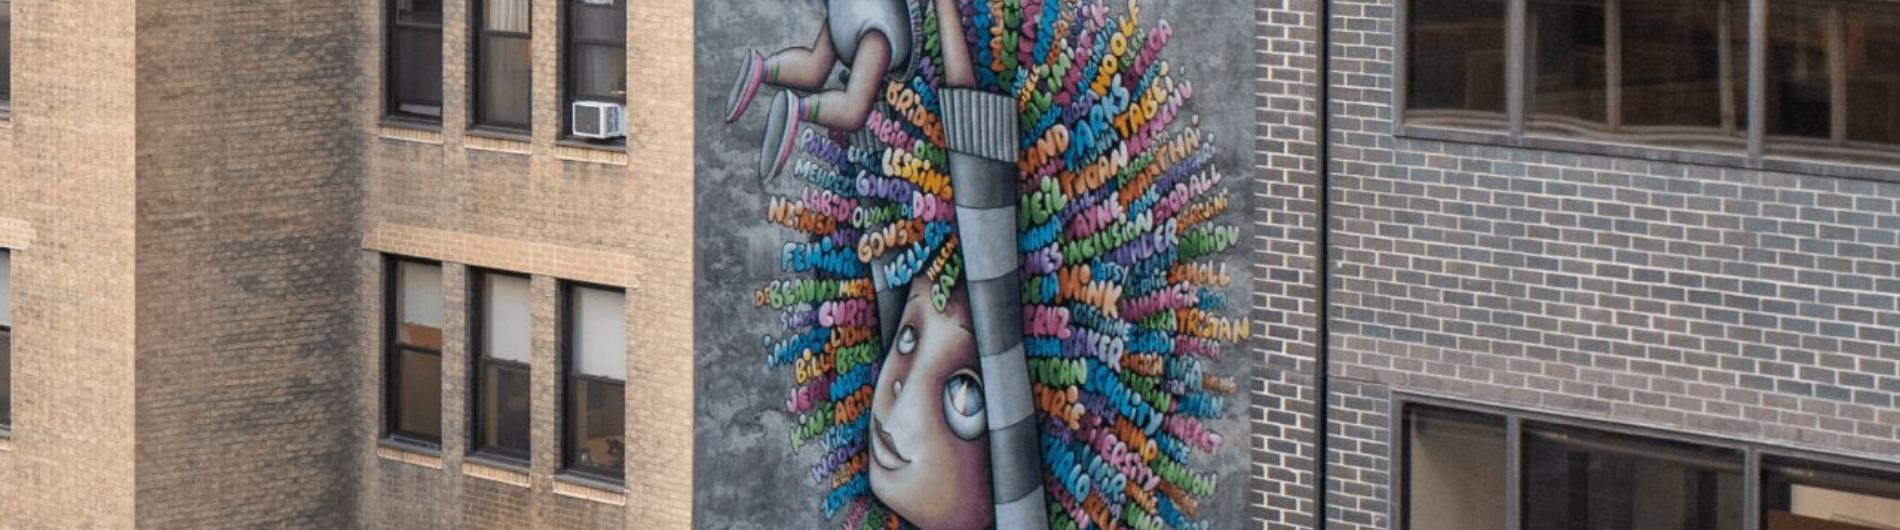 Mural Igualdad de Género NY